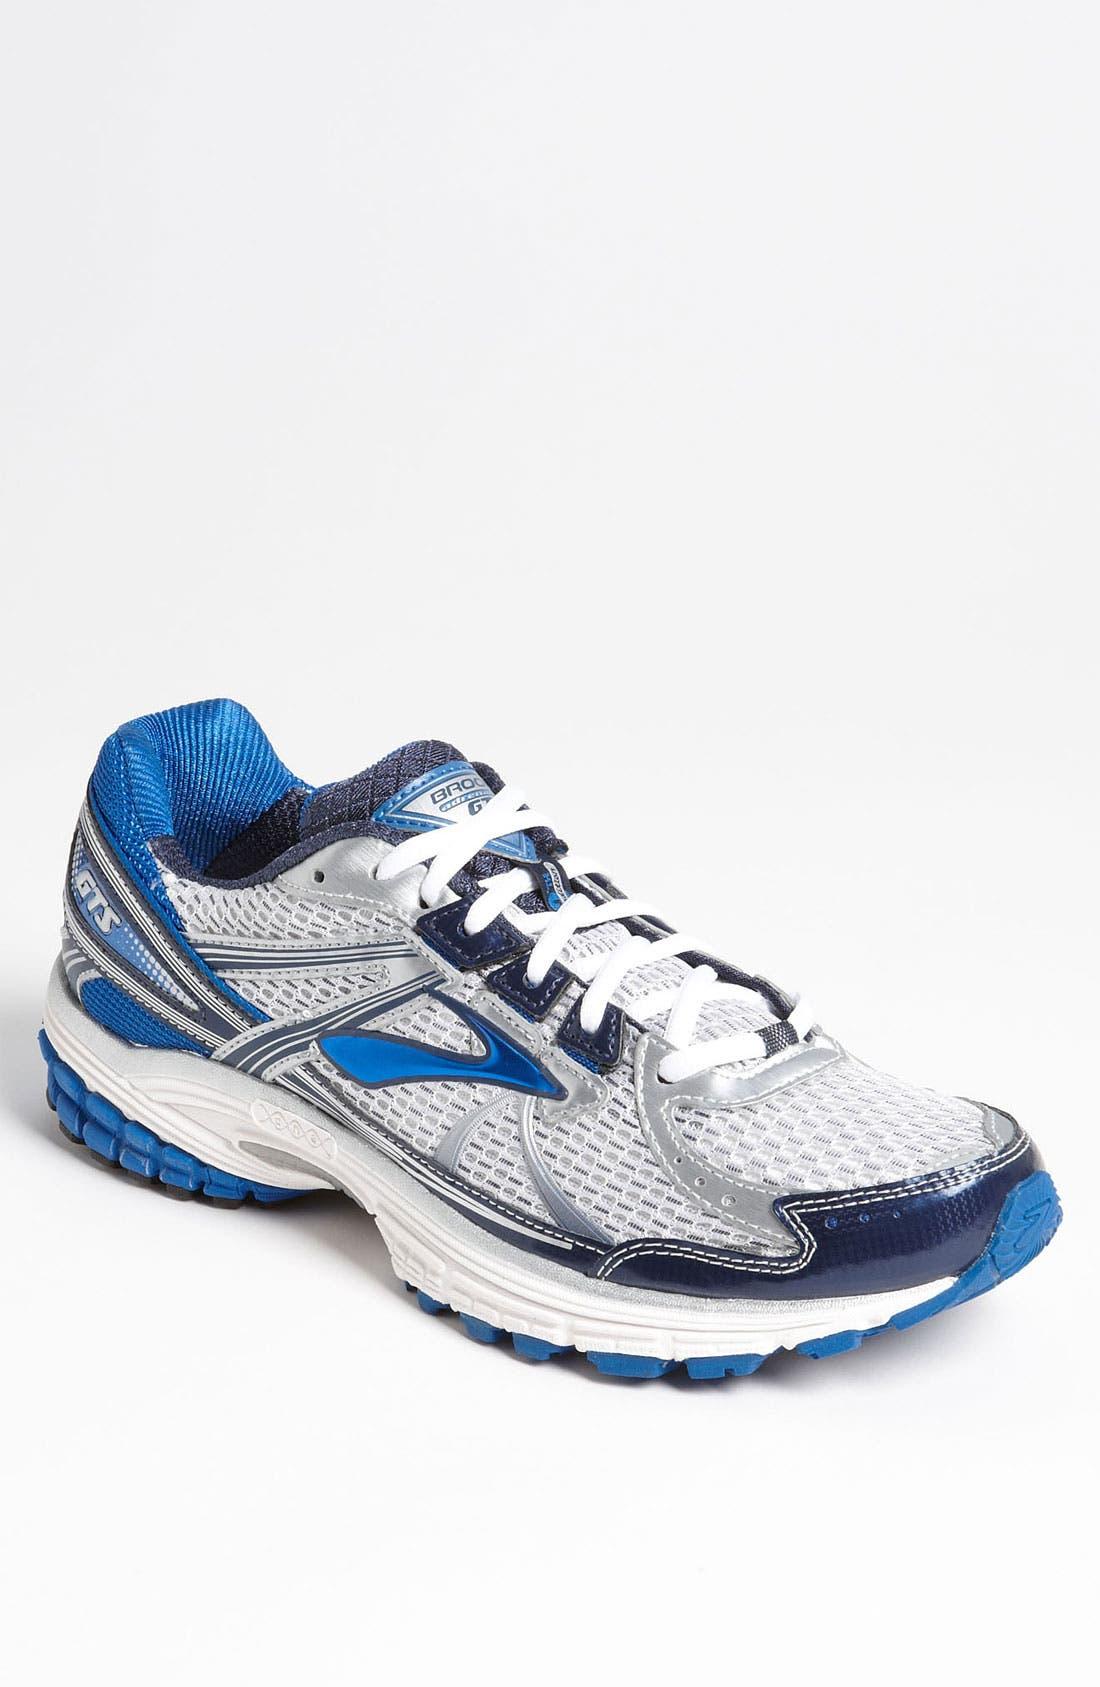 Main Image - Brooks 'Adrenaline GTS 13' Running Shoe (Men)(Regular Retail Price: $109.95)